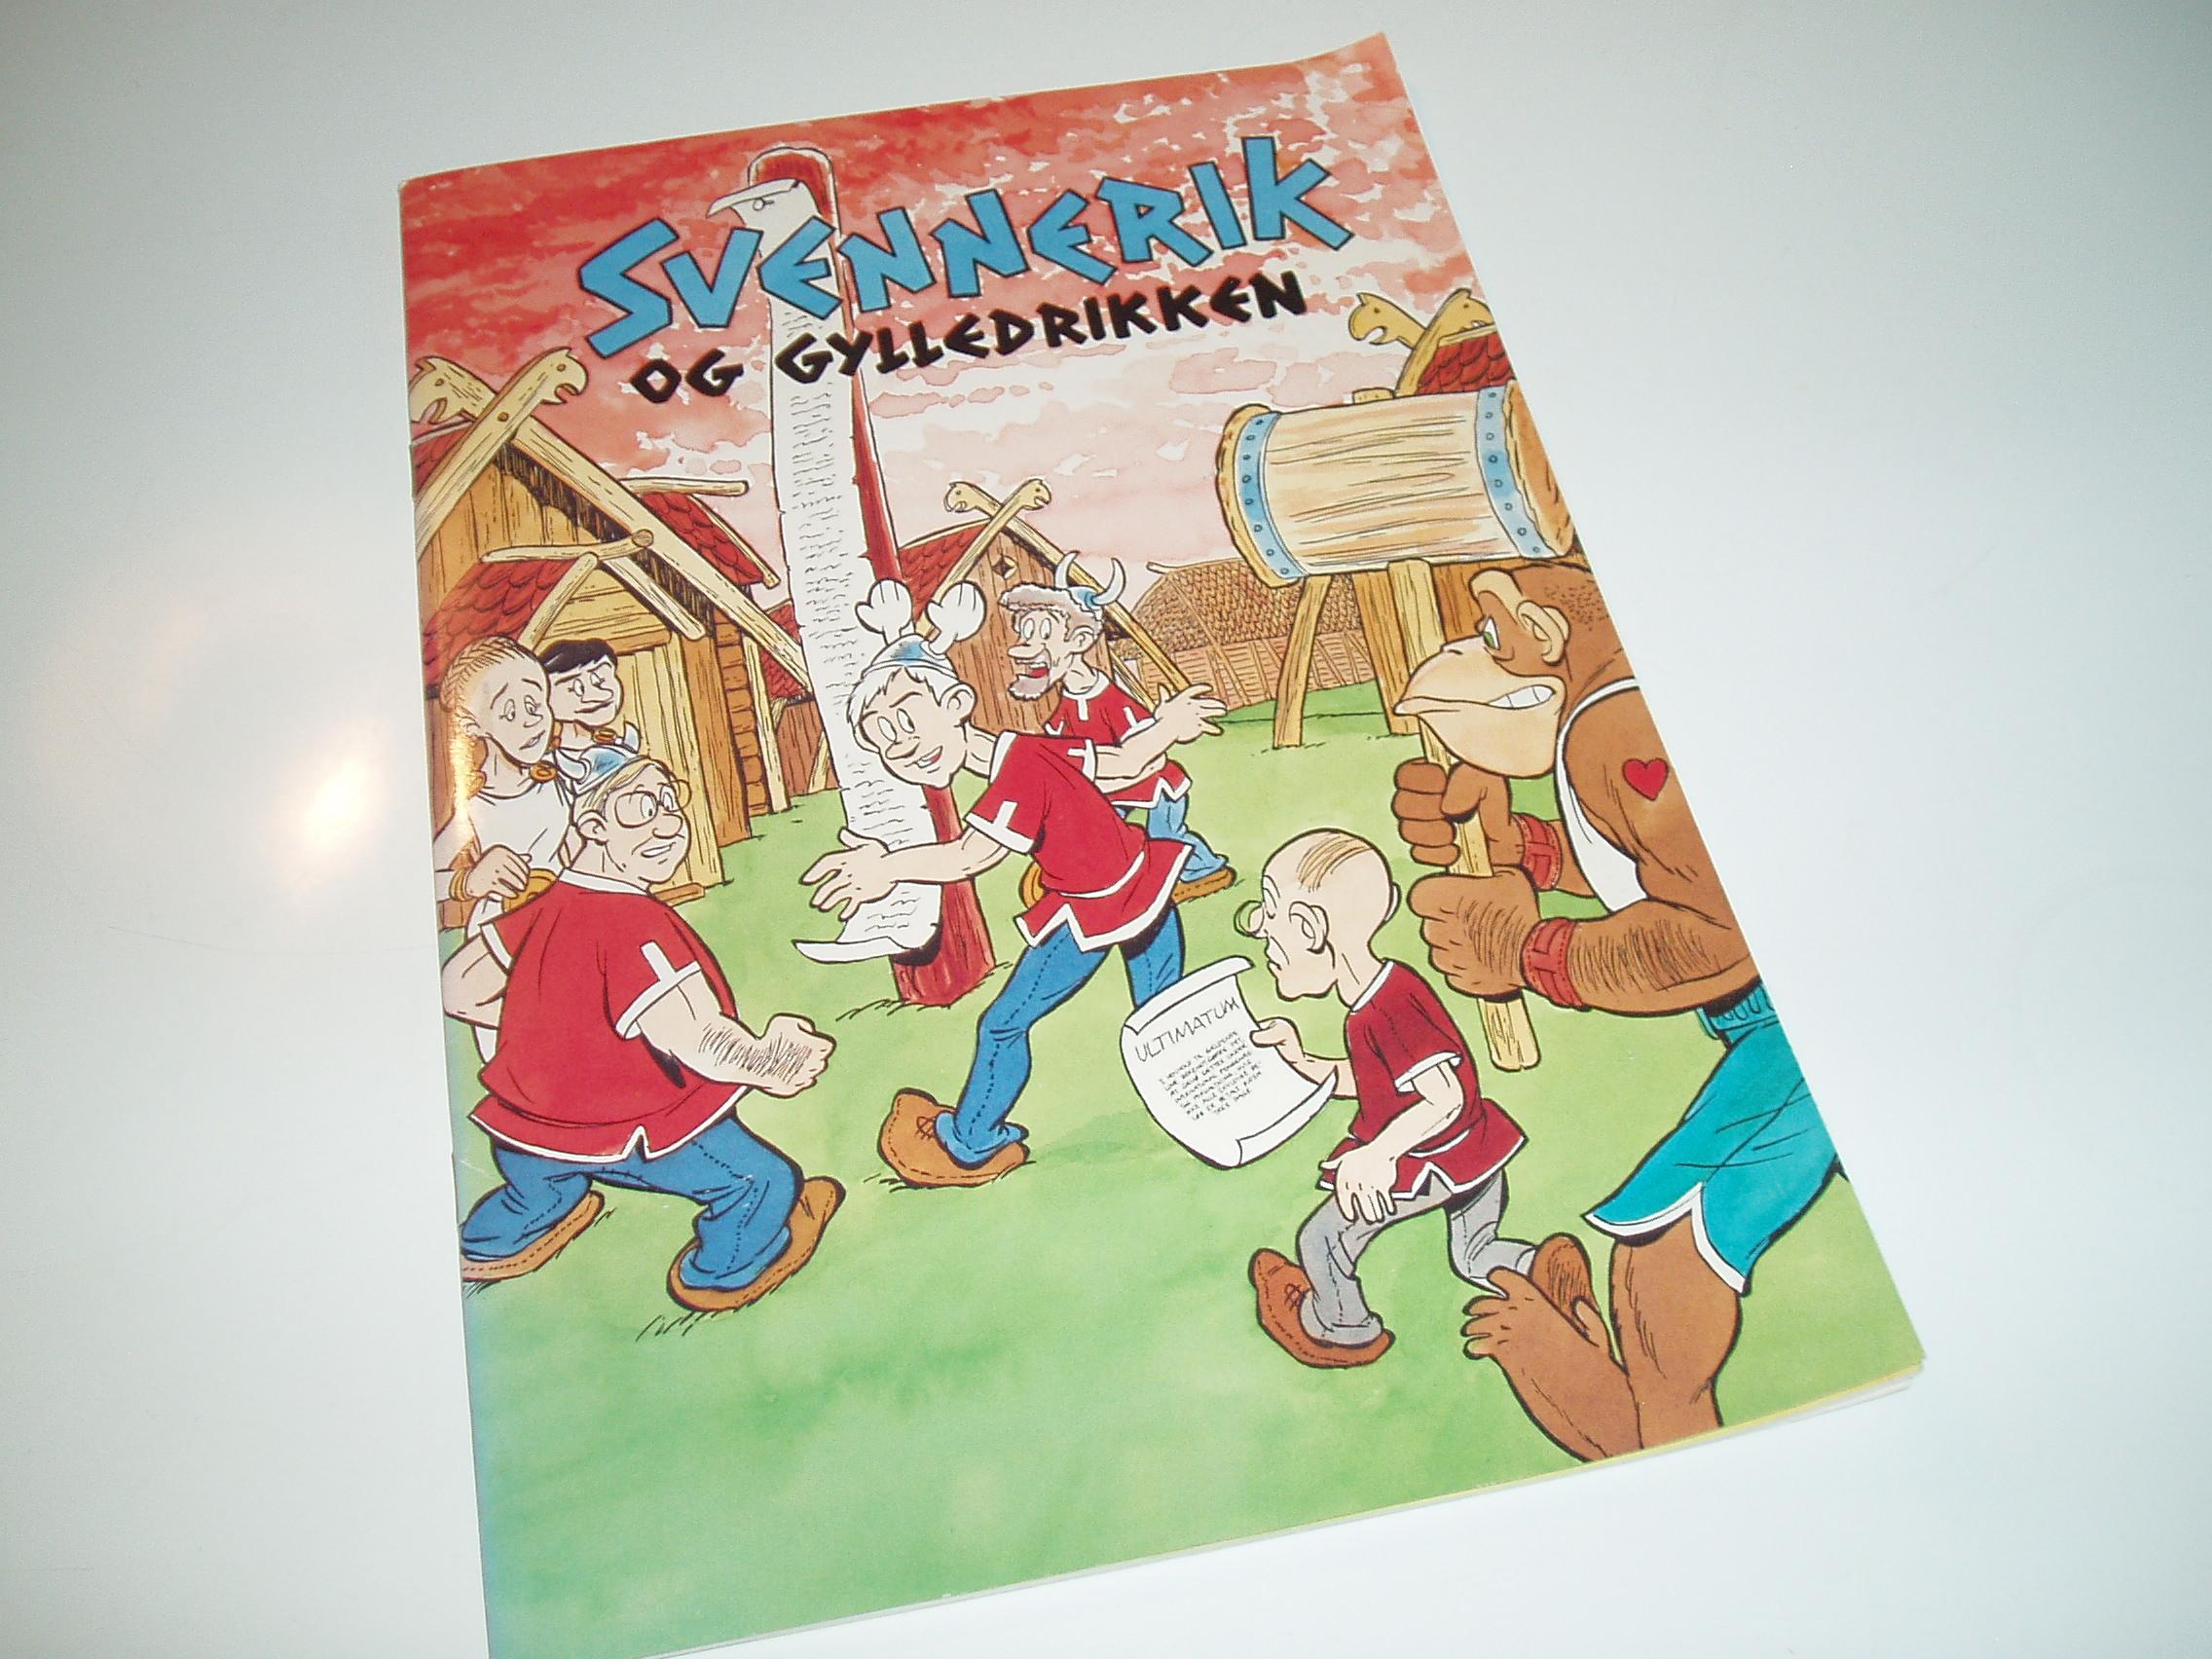 Svennerik og gylledrikken.Udgivet af Socialdemokratiet og DSU